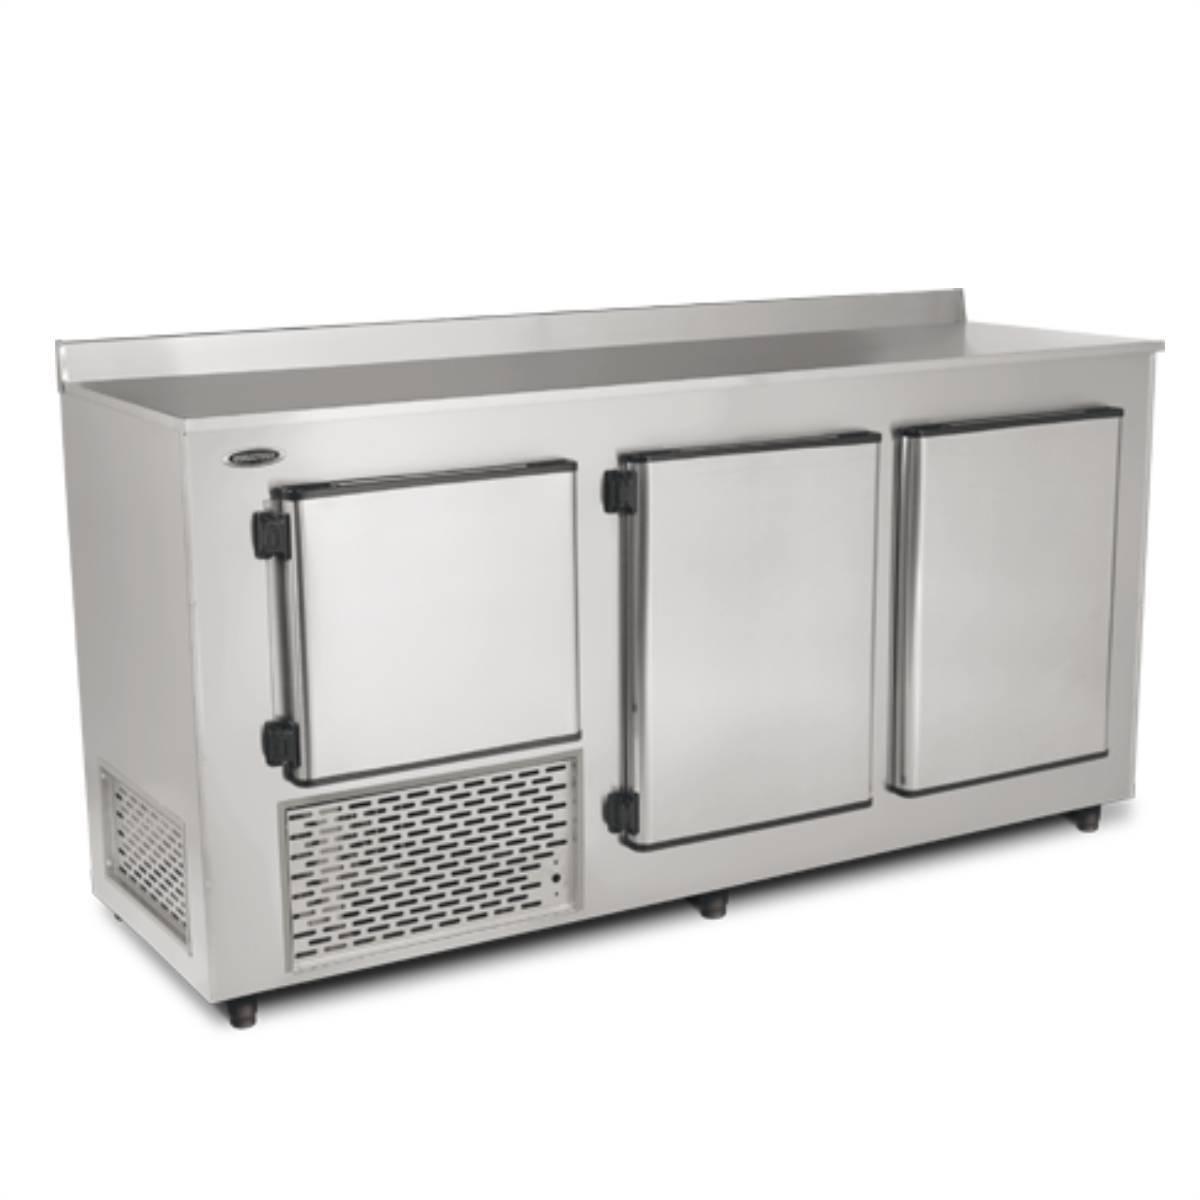 Balcão de Encosto Refrigerado 1,90m Inox BRE-190Conservex - Magazine do Chef